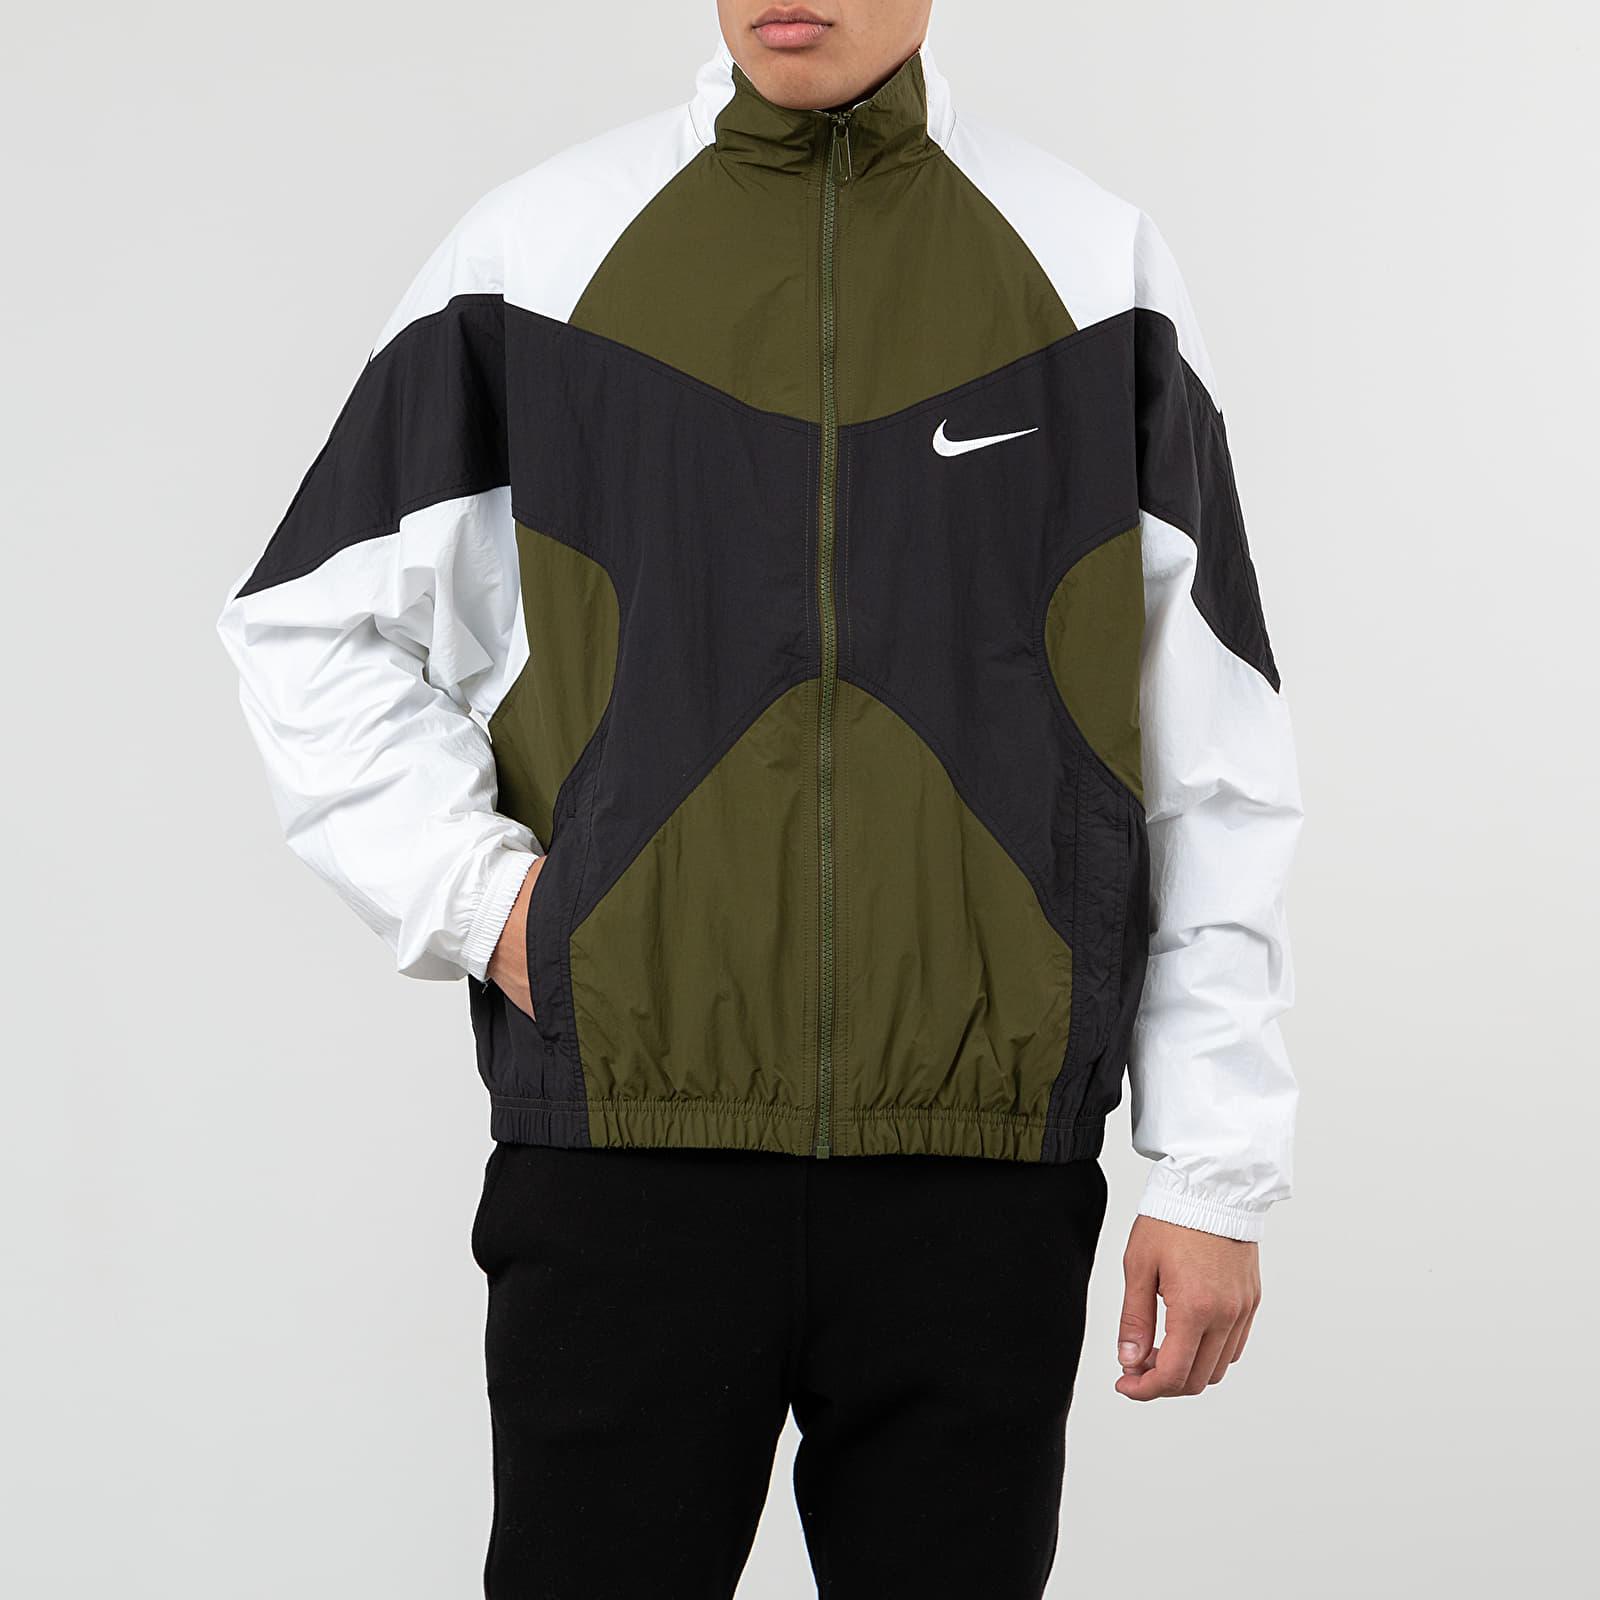 Nike Sportswear Re-Issue Jacket